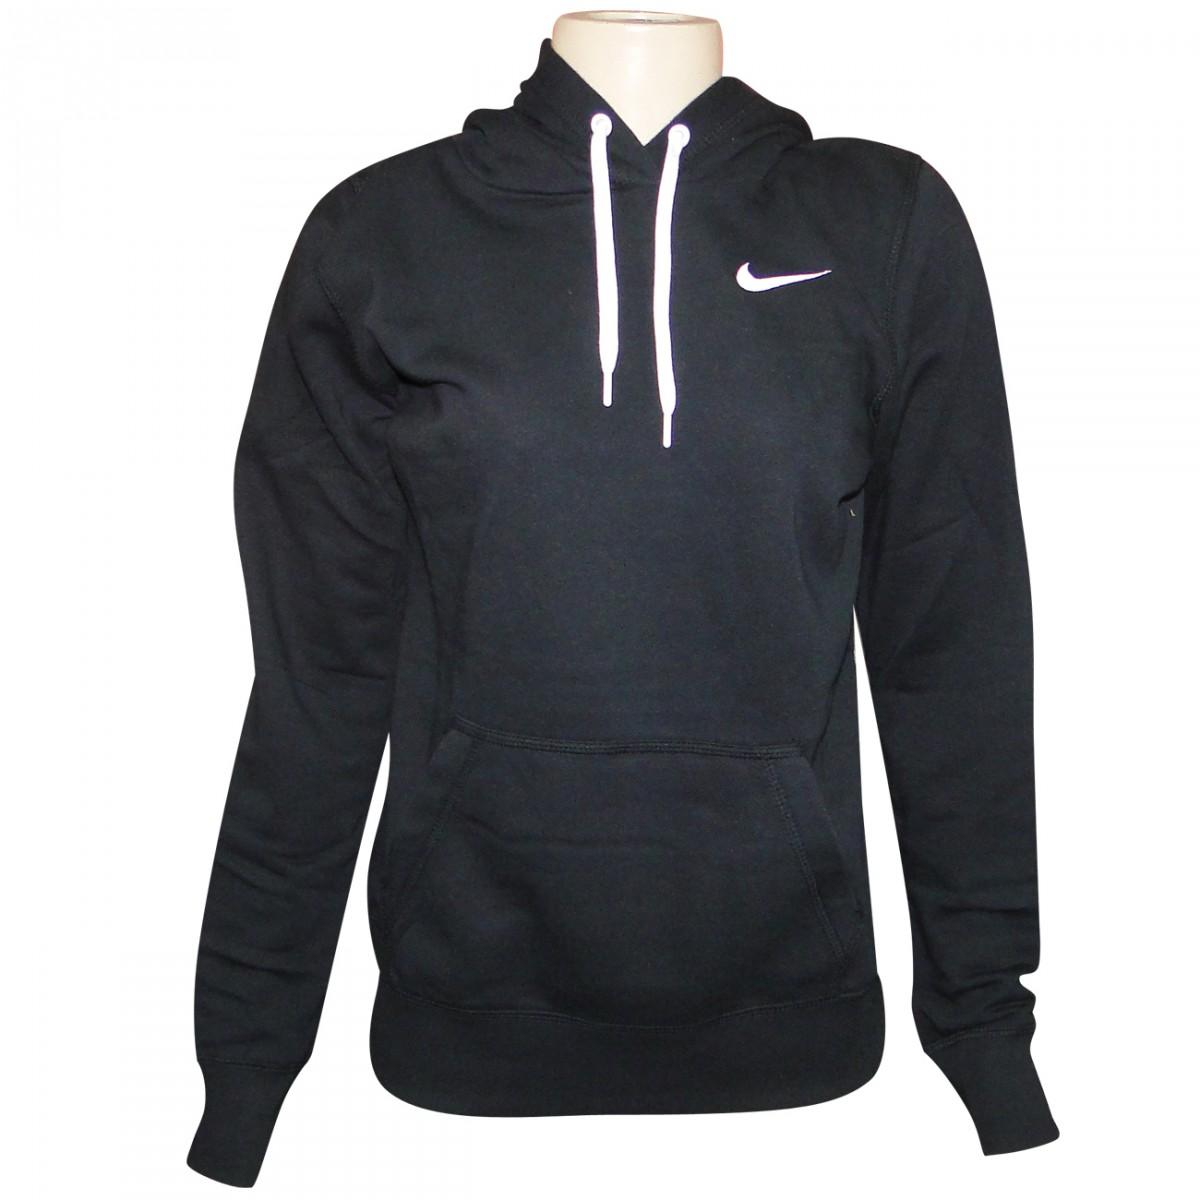 2ced4303fa Moletom Nike 611717 611717 010 - Preto Branco - Chuteira Nike ...